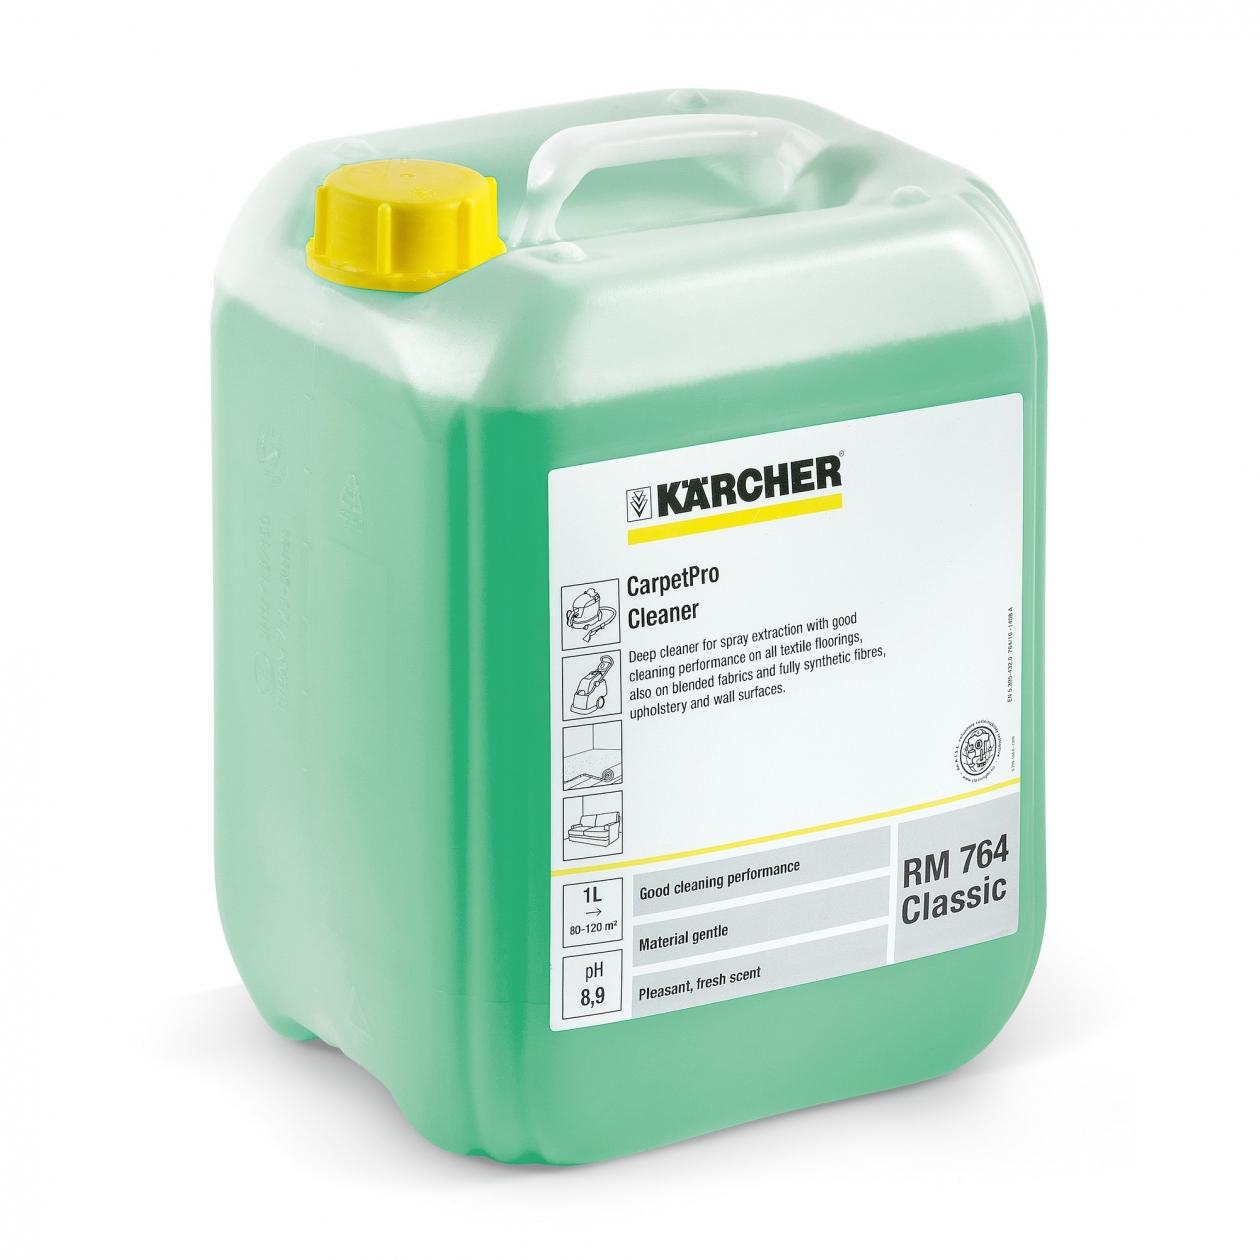 Rengjøringsmiddel for gulv Karcher RM 764 Classic 10 l